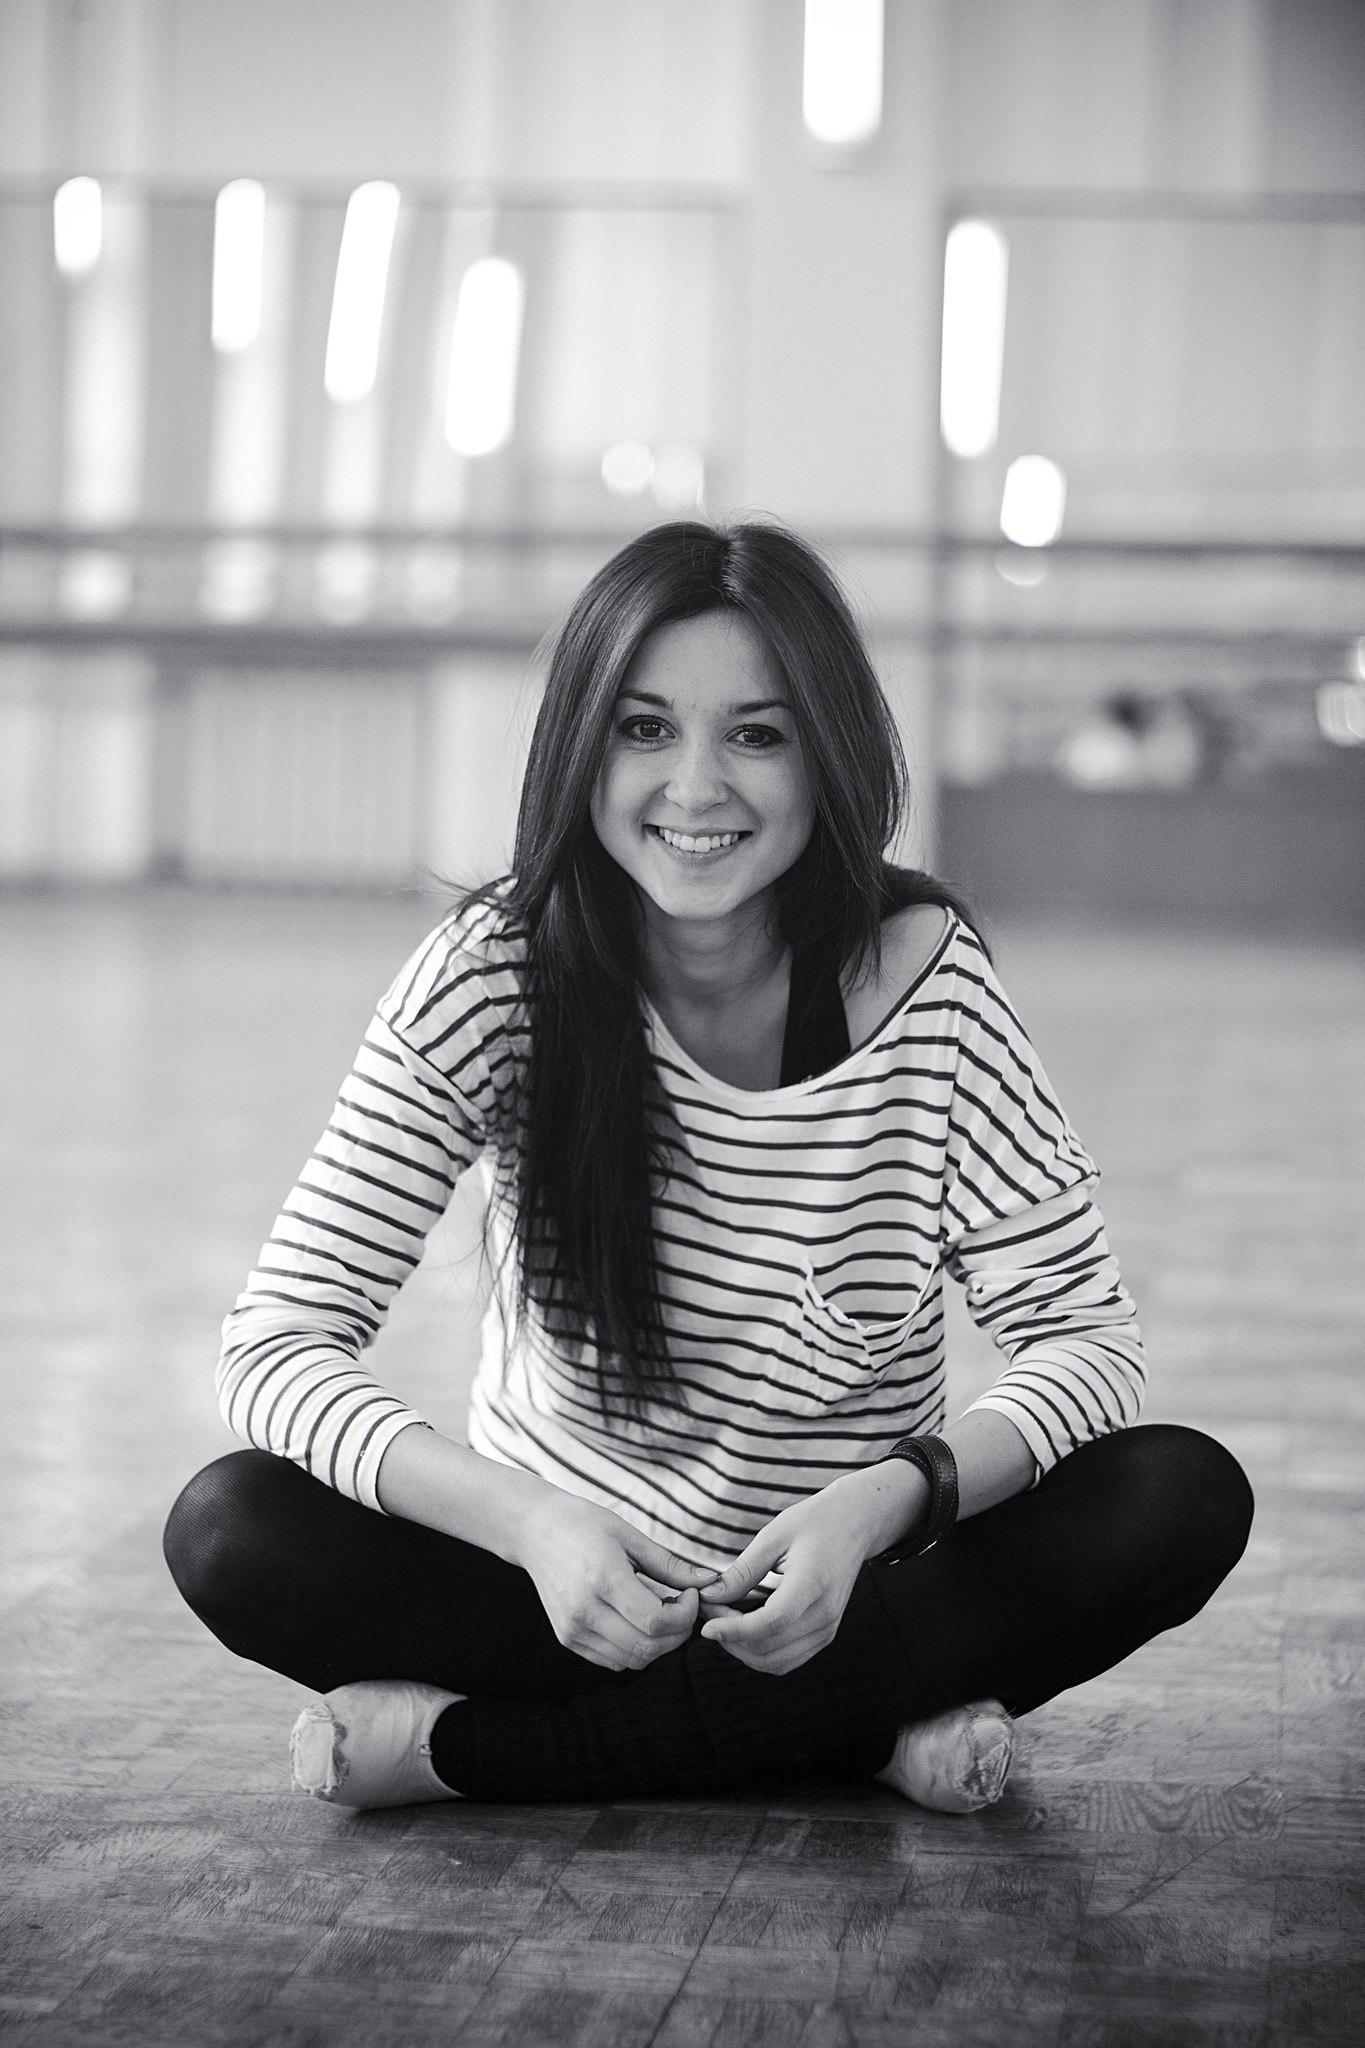 Мария Шляхова